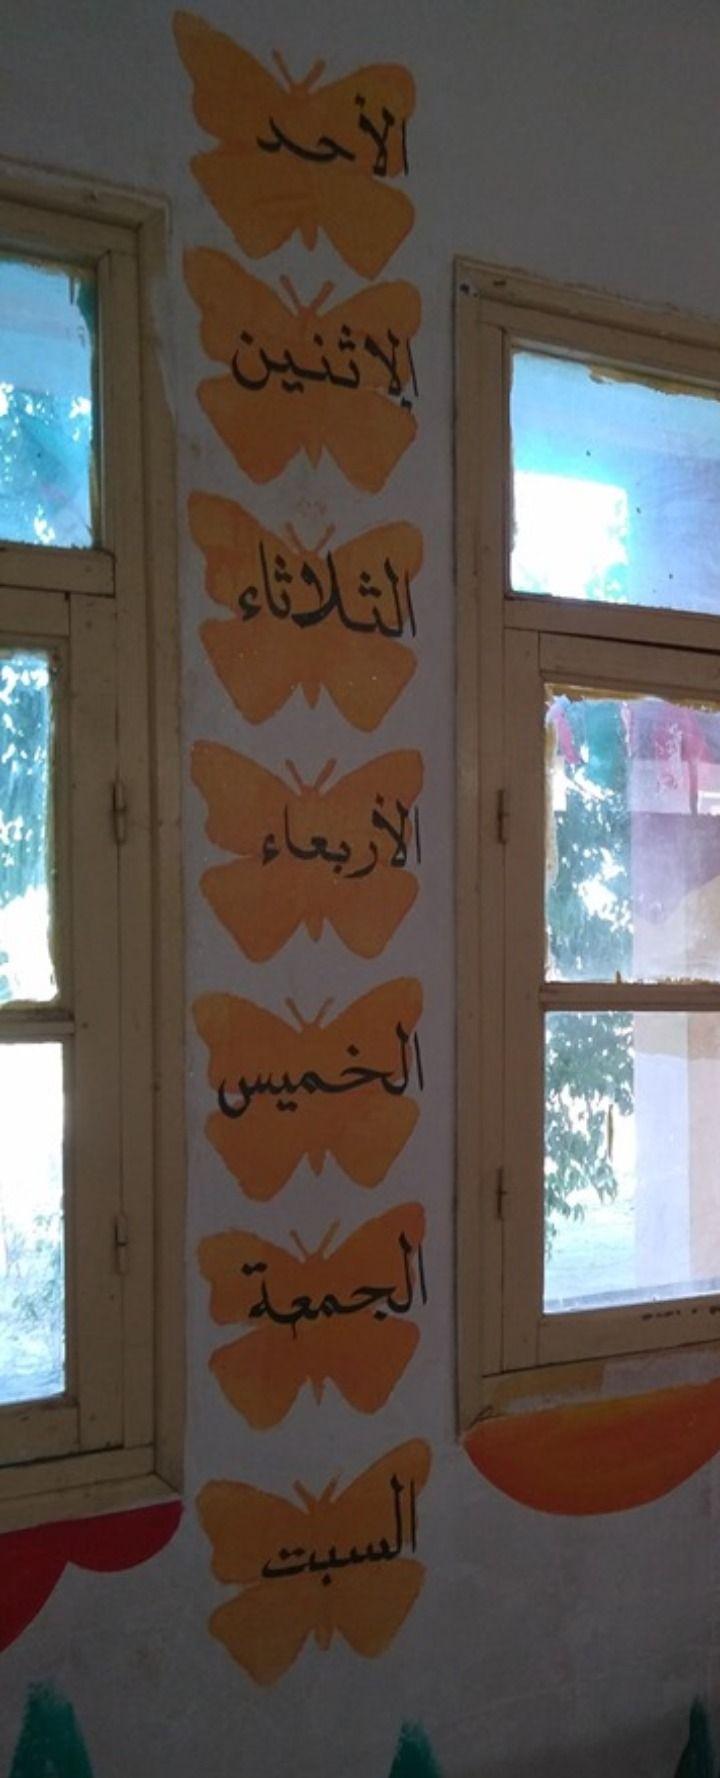 تزيين الفصل أيام الأسبوع Diy Classroom Decorations Diy Classroom Classroom Decorations